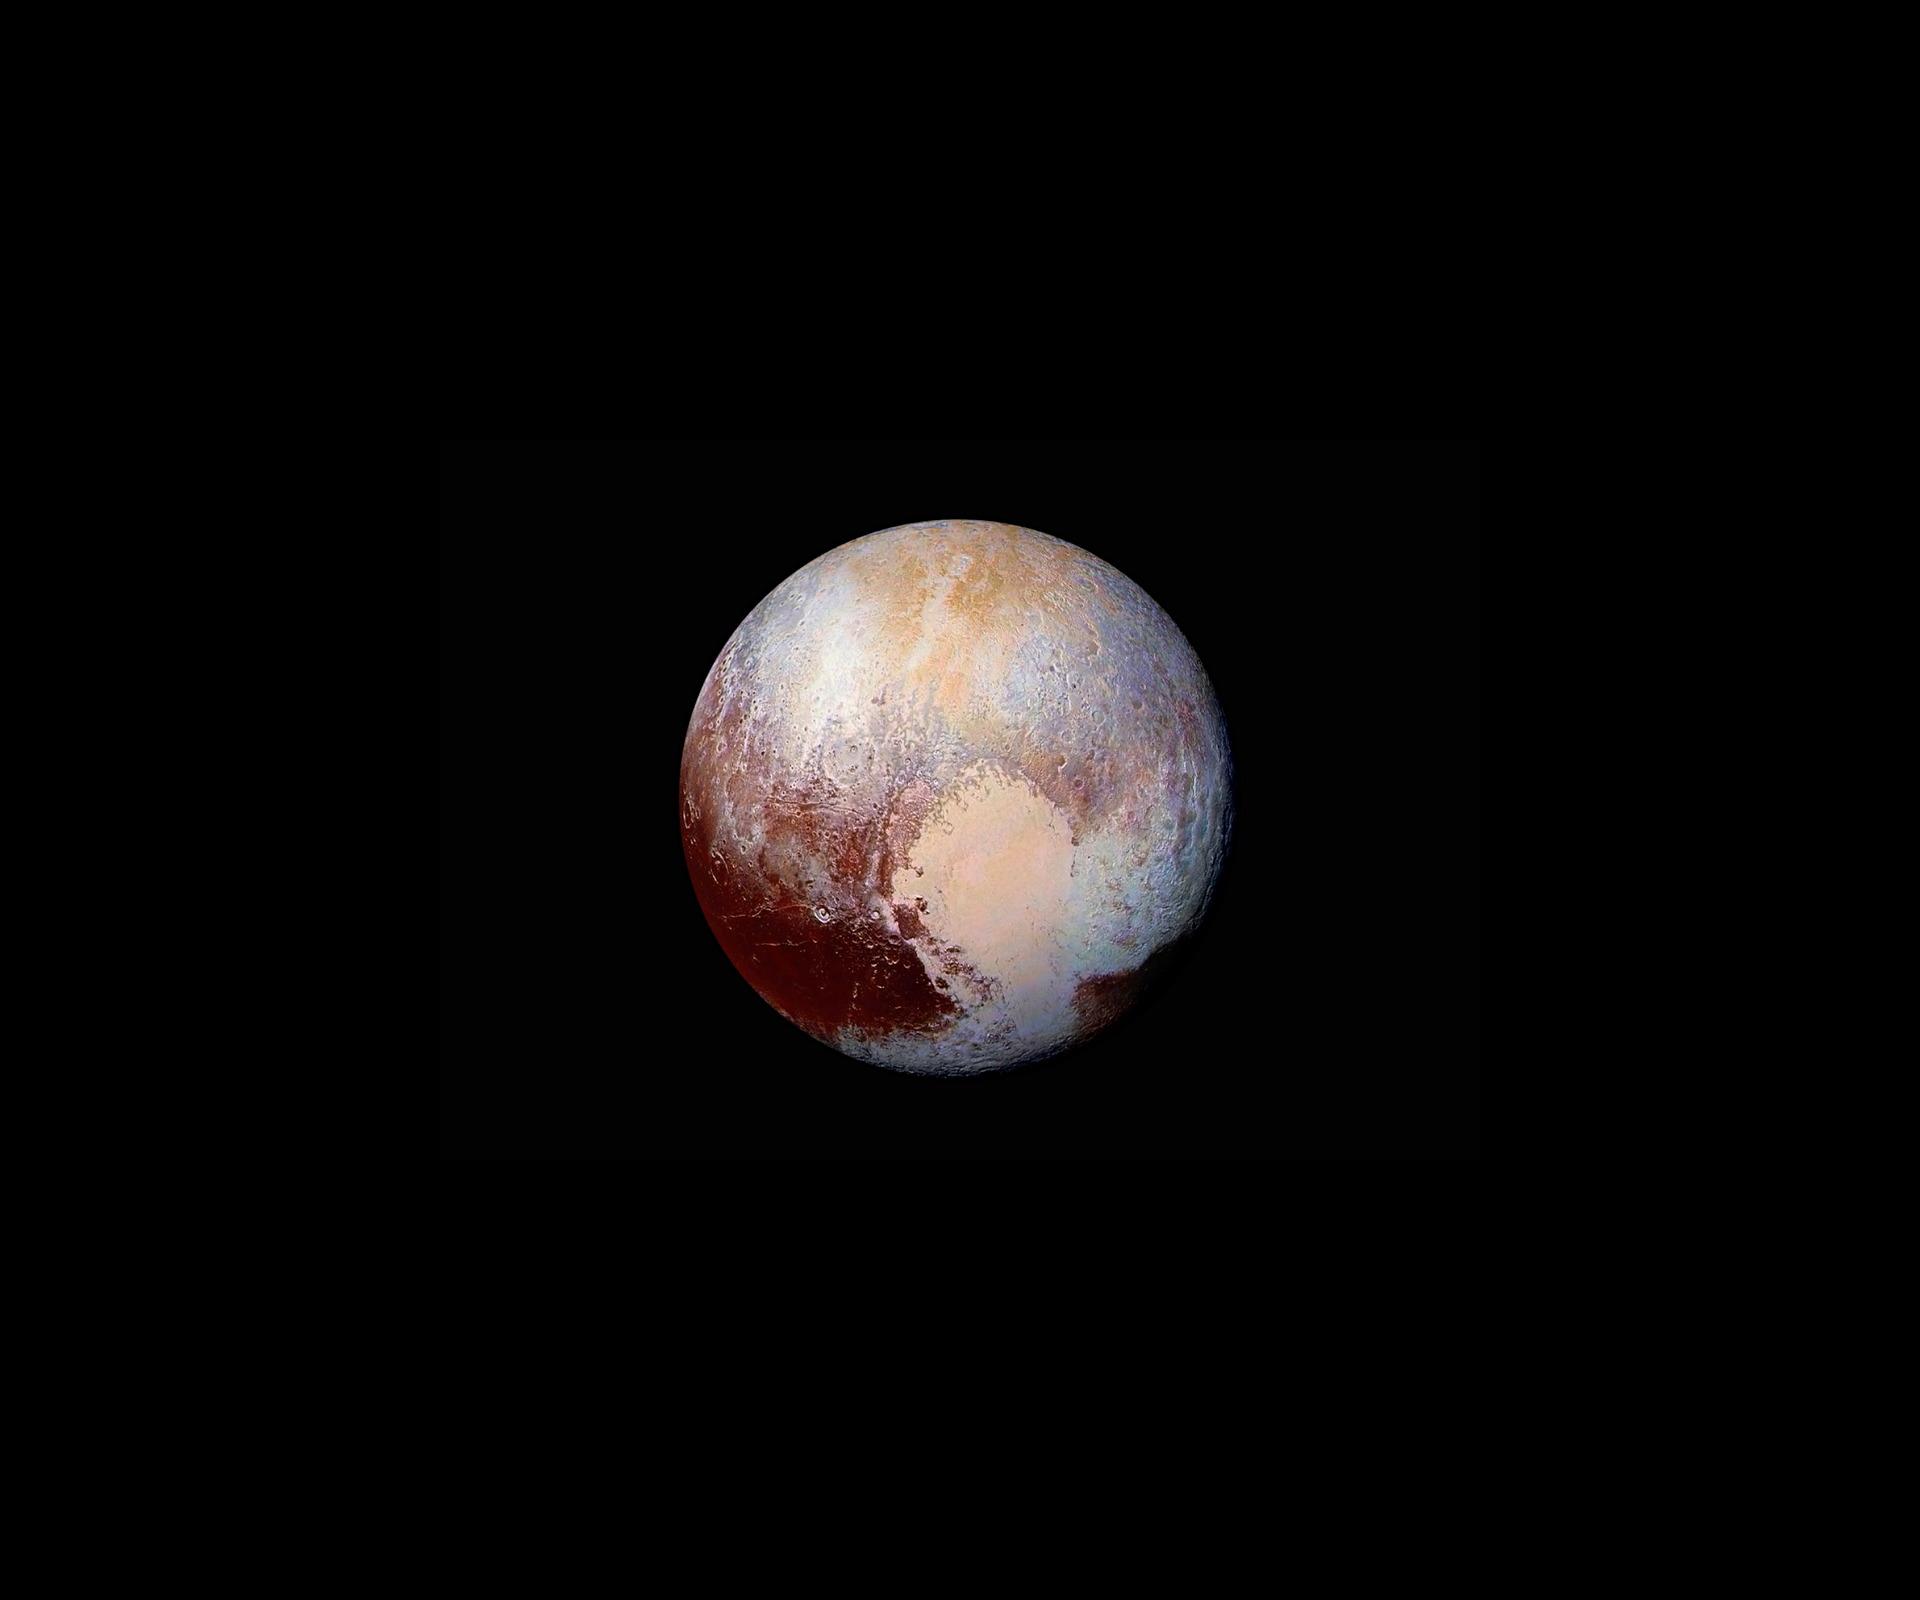 nasa images of pluto - HD2000×1080